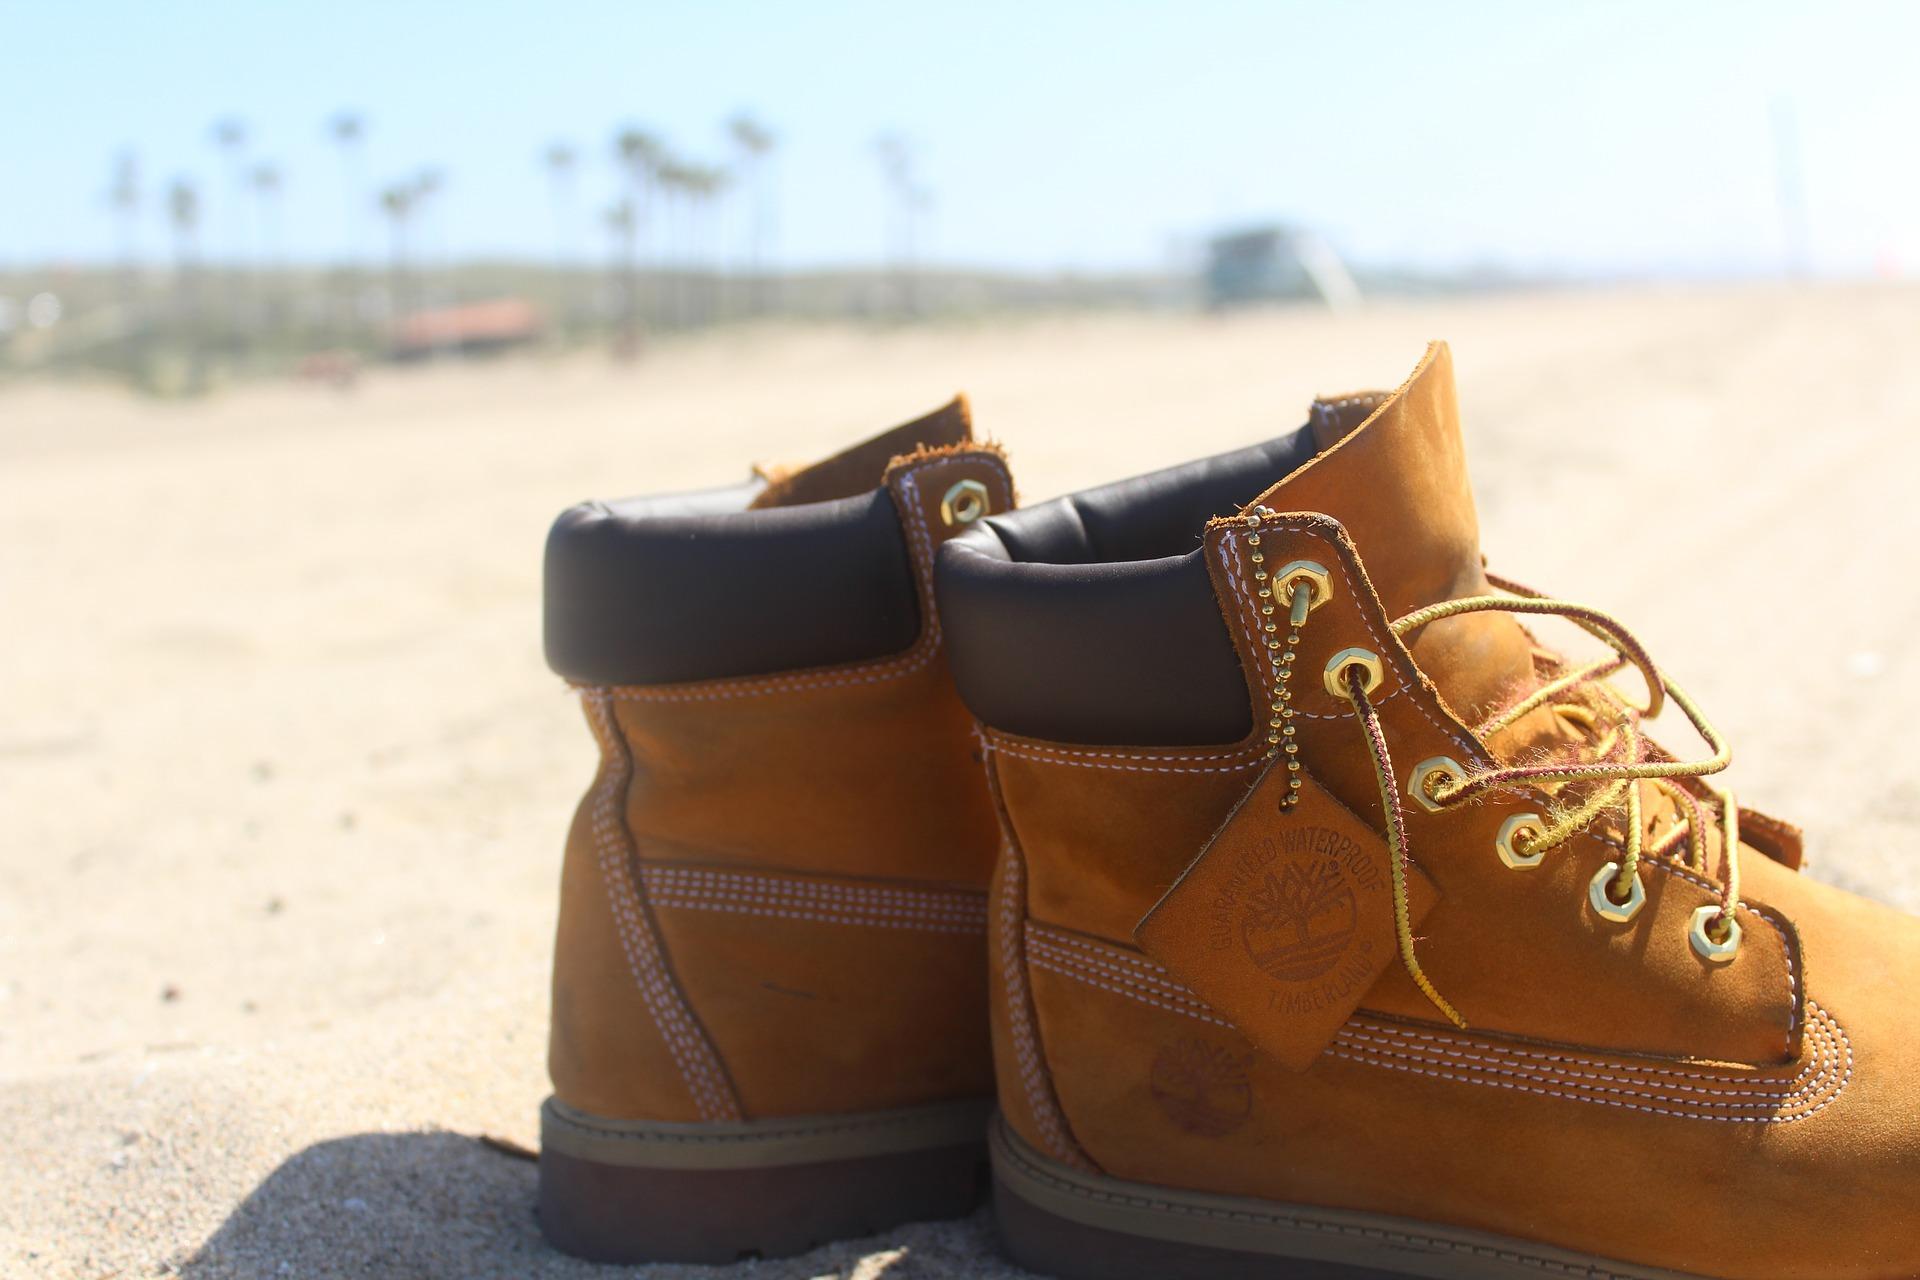 給我潮靴!從Timberland的粉絲團經營,看抓住消費者的關鍵社群策略